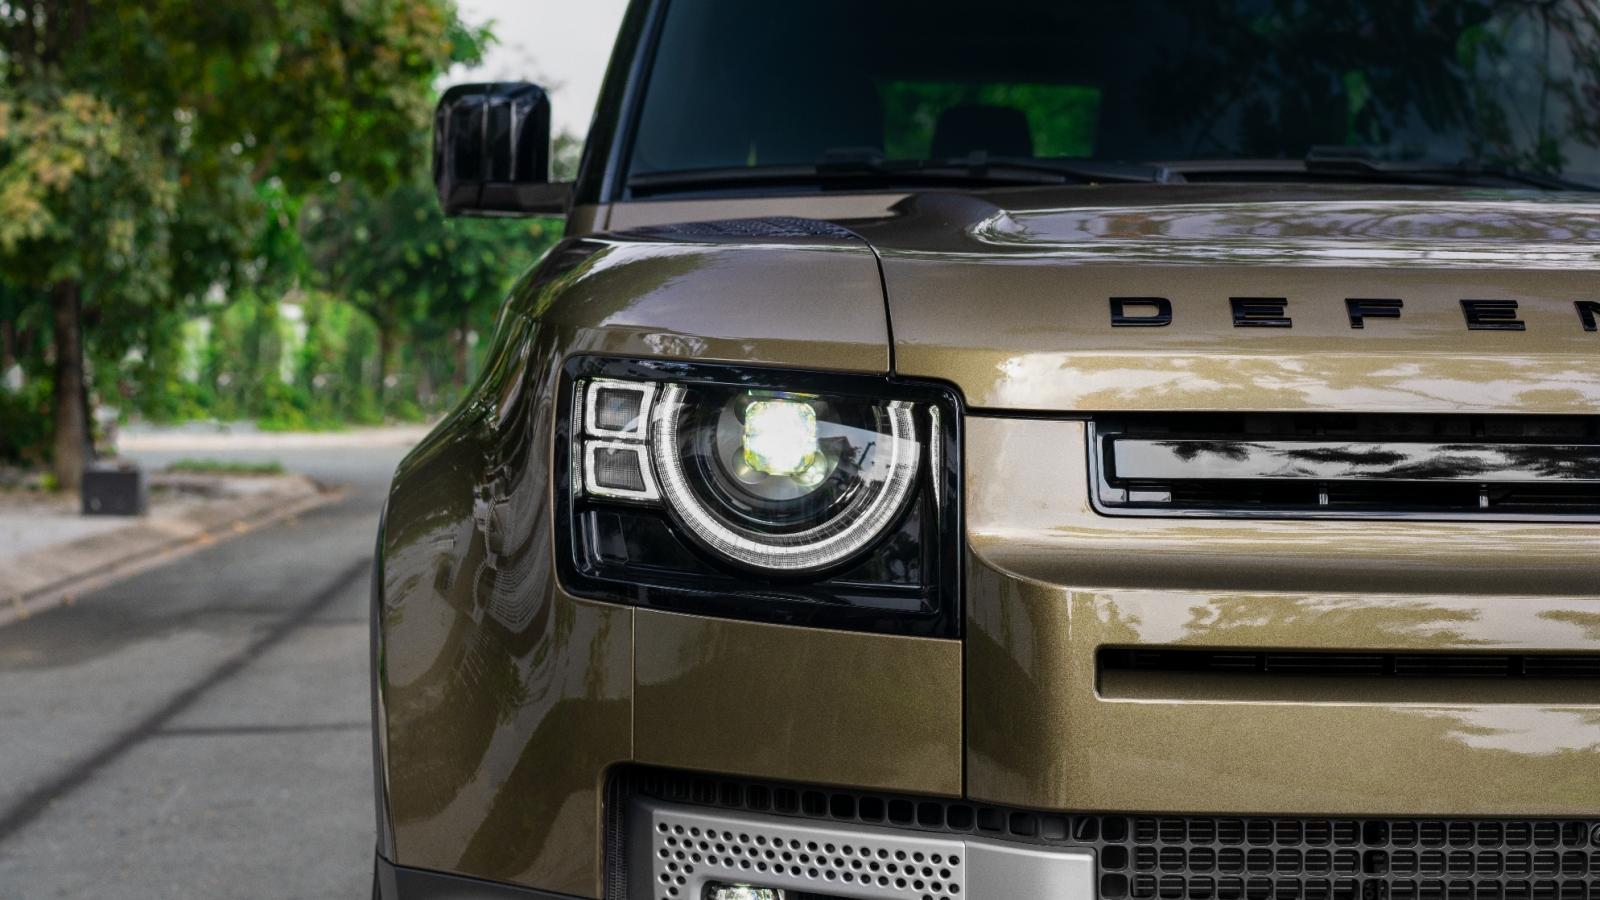 Khám phá Land Rover Defender phiên bản 3 cửa vừa xuất hiện tại Việt Nam